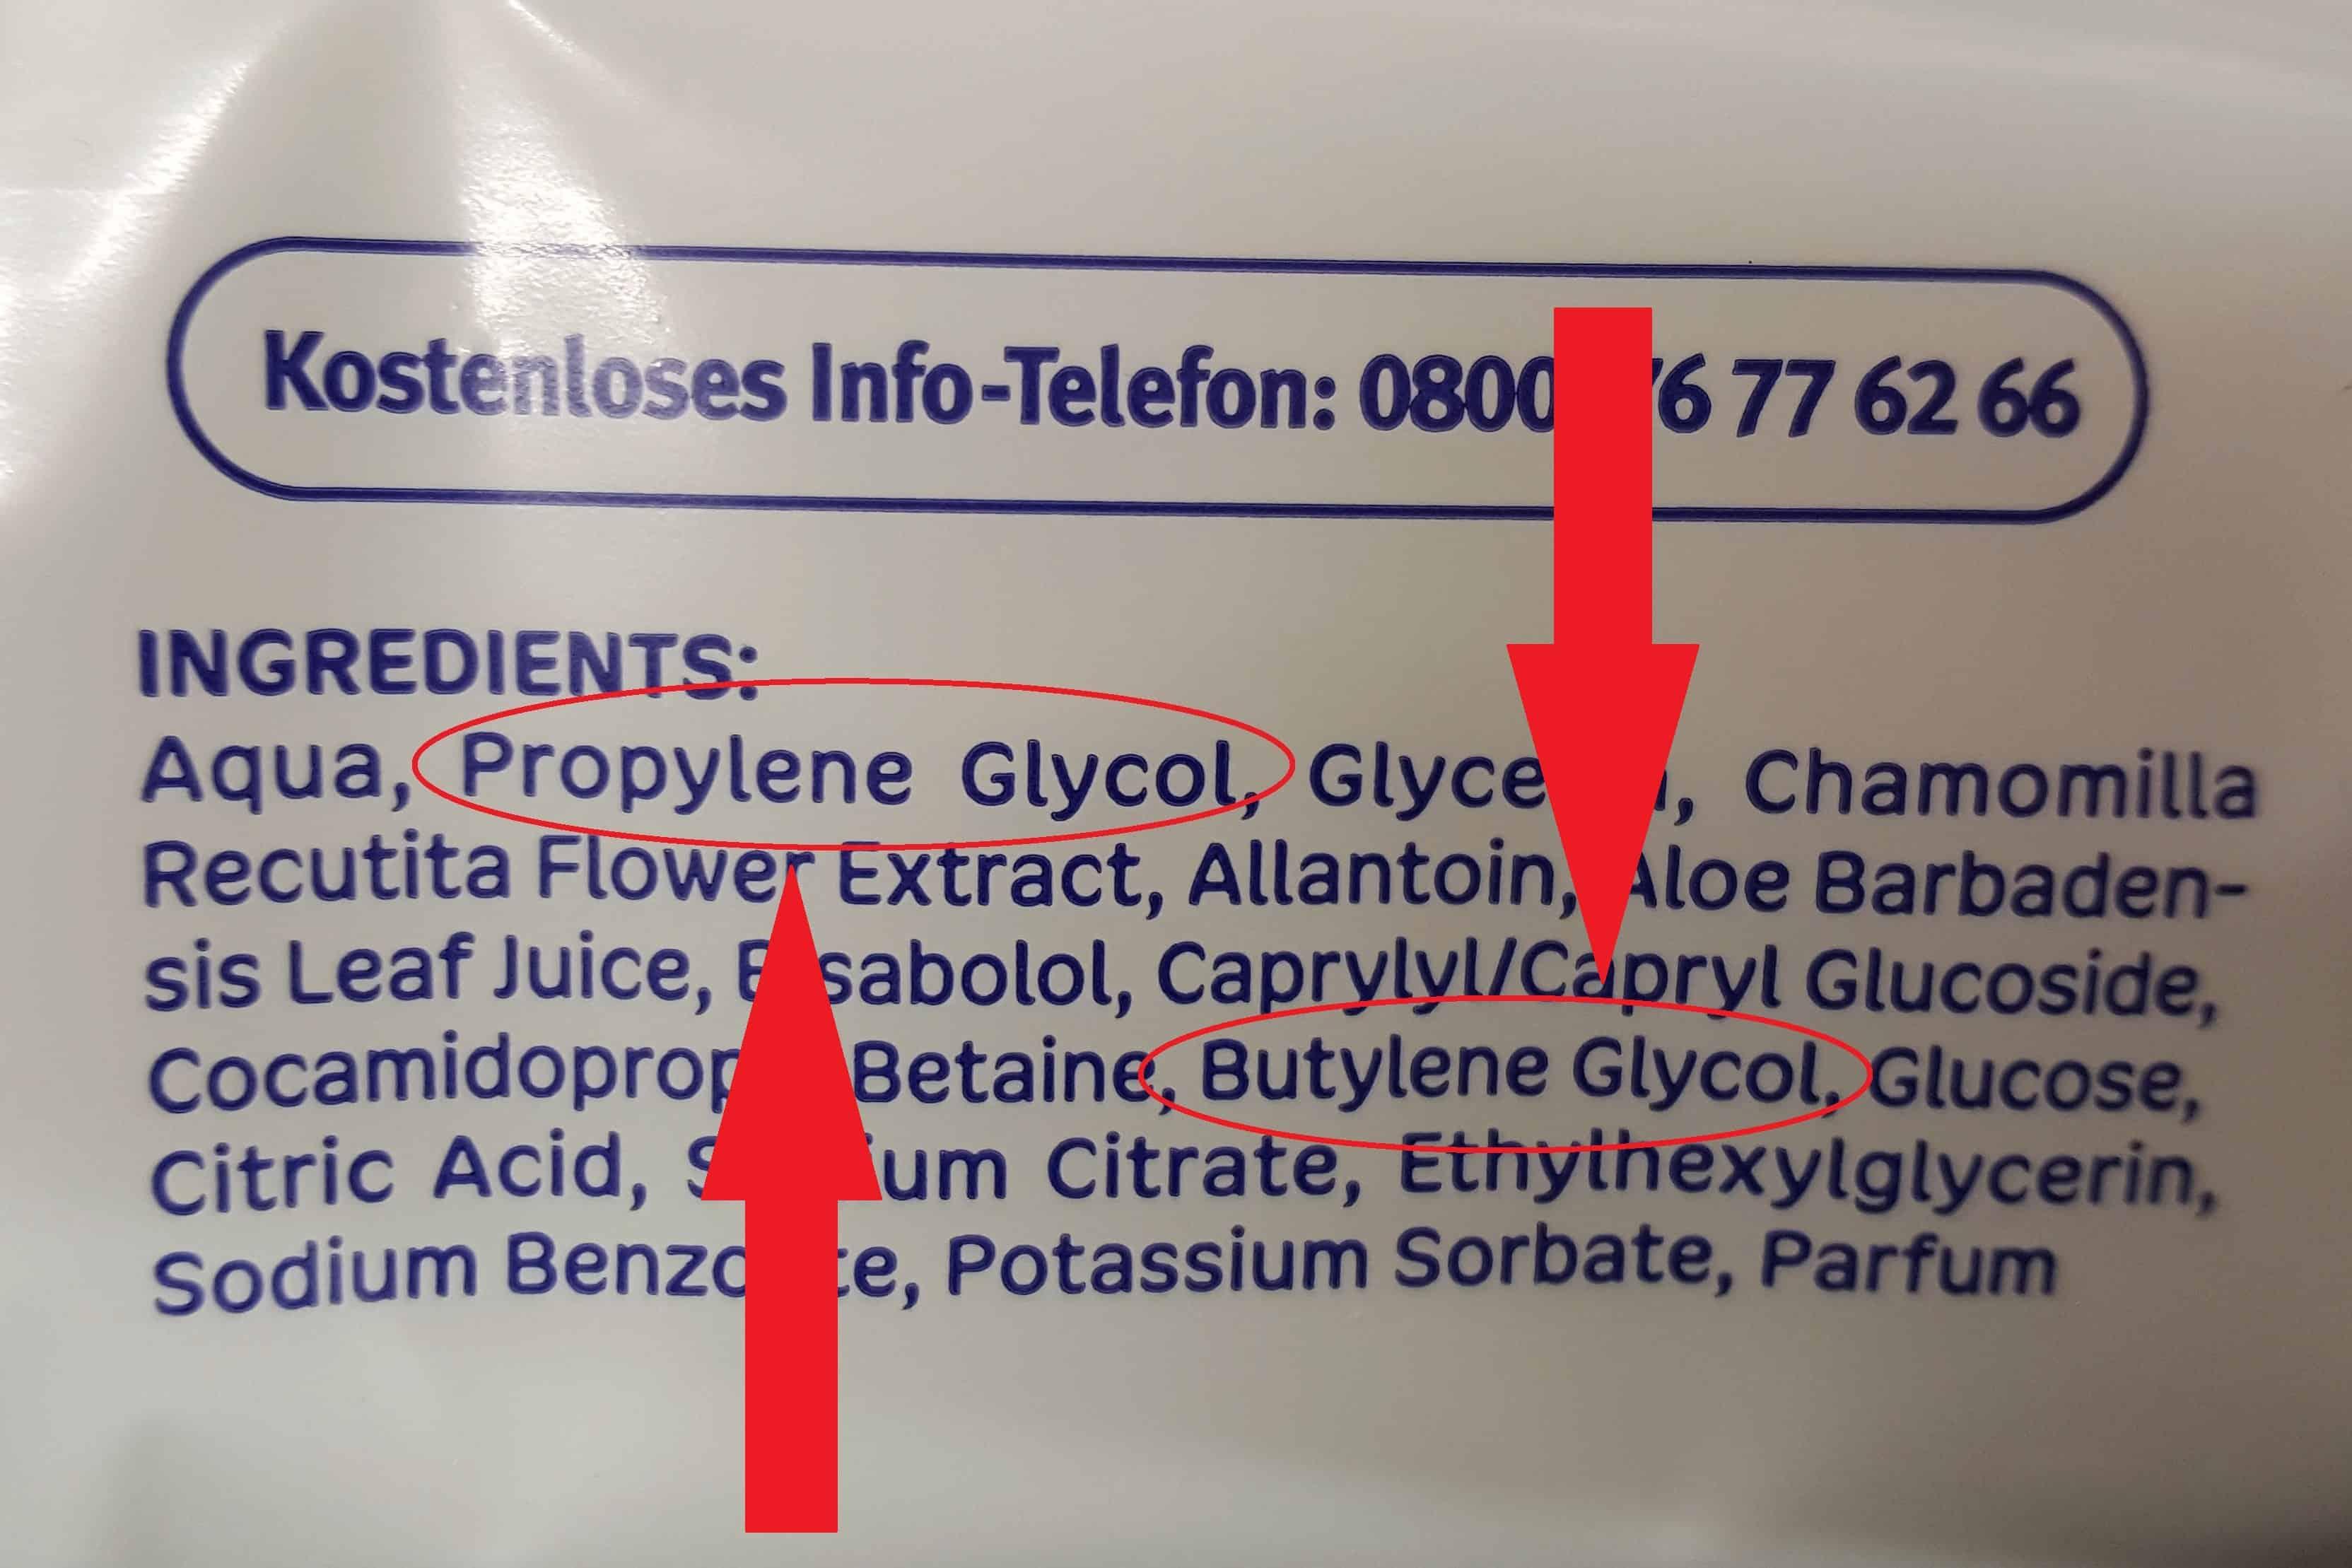 8. Glikol propylenowy ibutylenowy, Propylene Glycol iButylene Glycol wkosmetykach dla dzieci idorosłych Matka Aptekarka